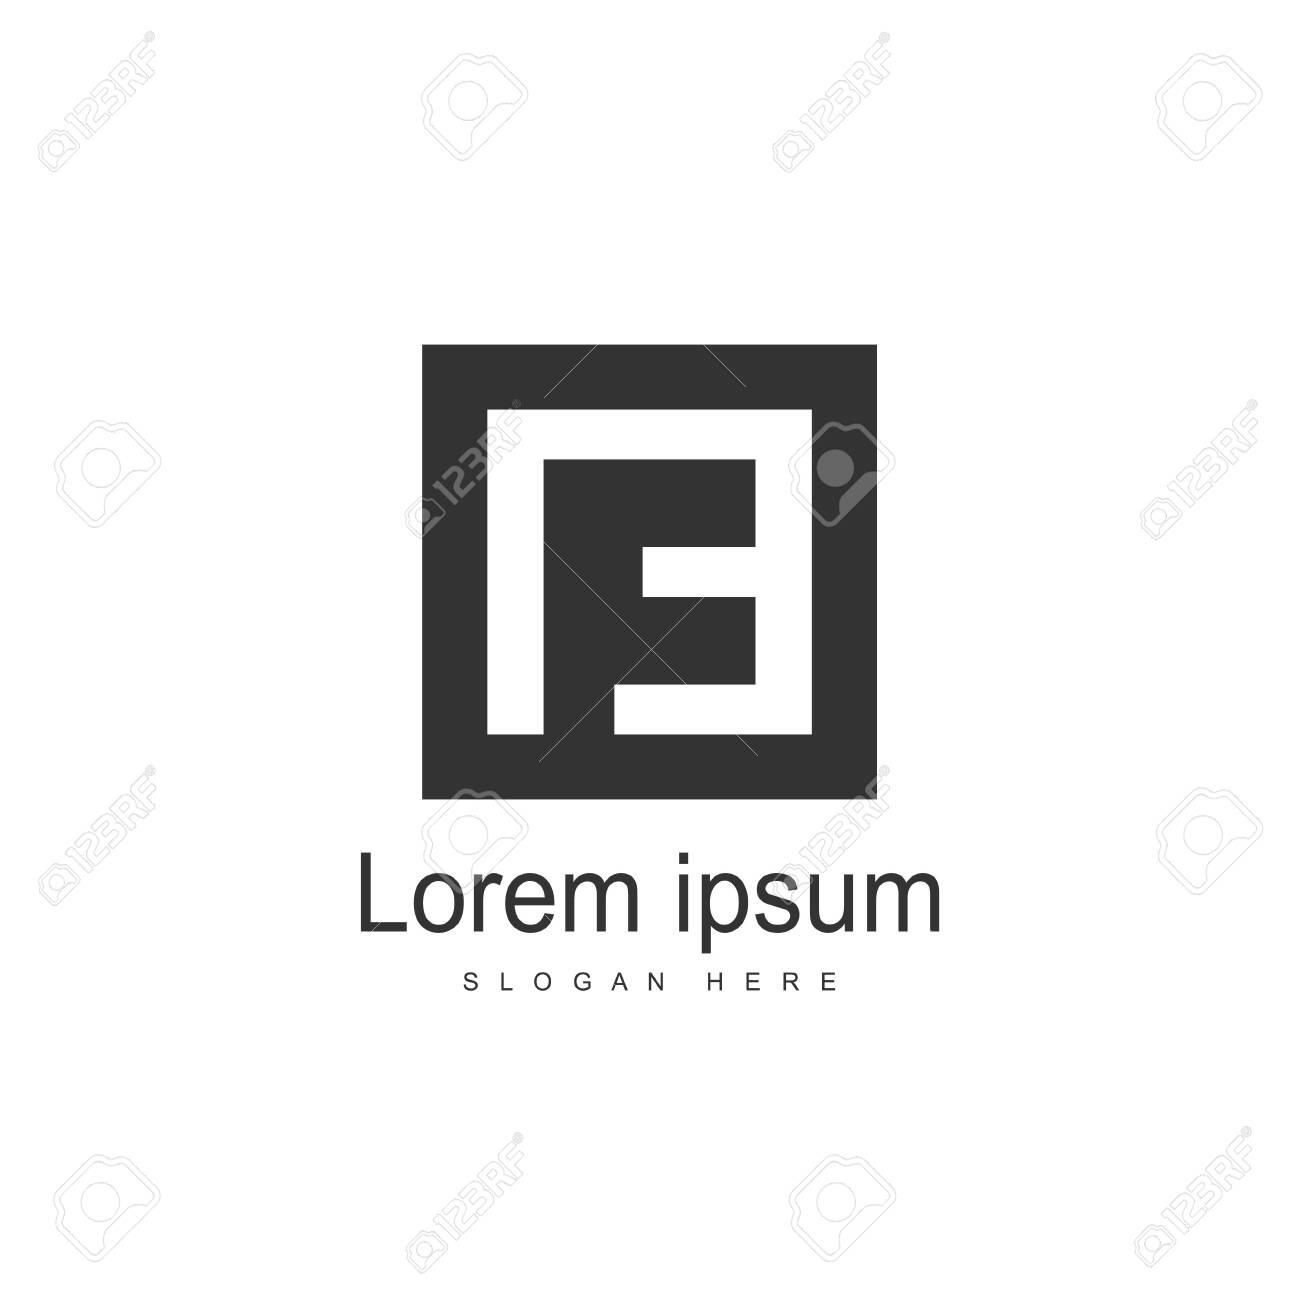 Initial Letter NE Logo Template Vector Design - 128826703